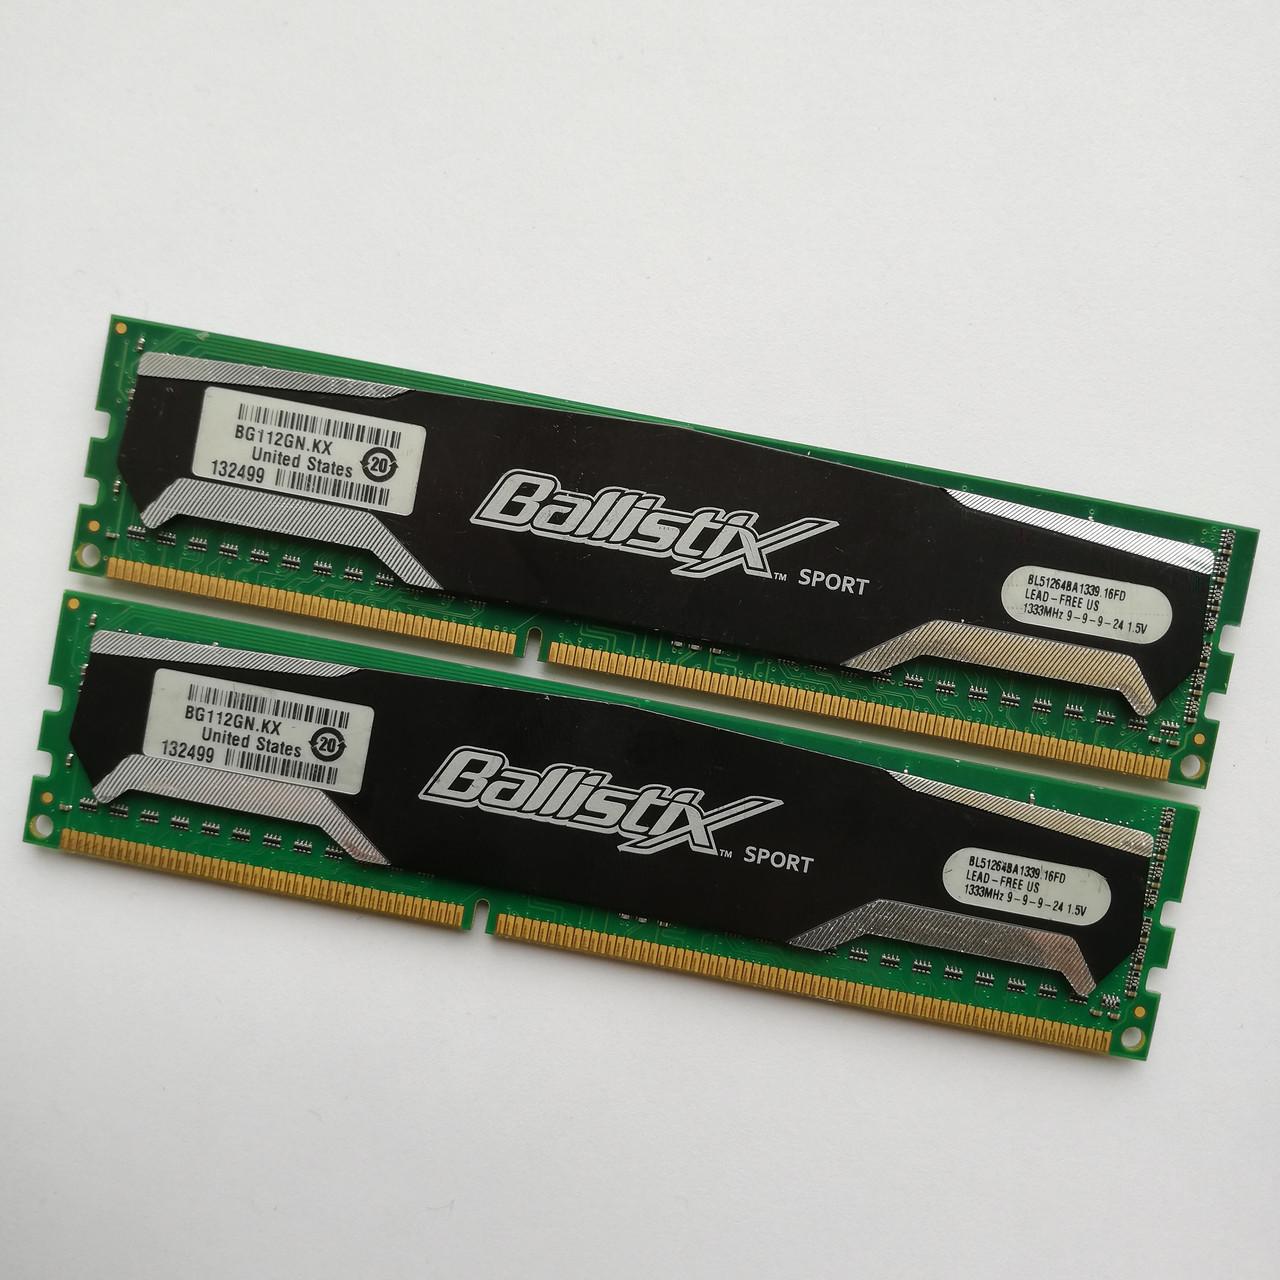 Комплект оперативной памяти Crucial Ballistix DDR3 8Gb (4Gb+4Gb) 1333MHz 10600U CL9 (BL51264BA1339.16FD) Б/У